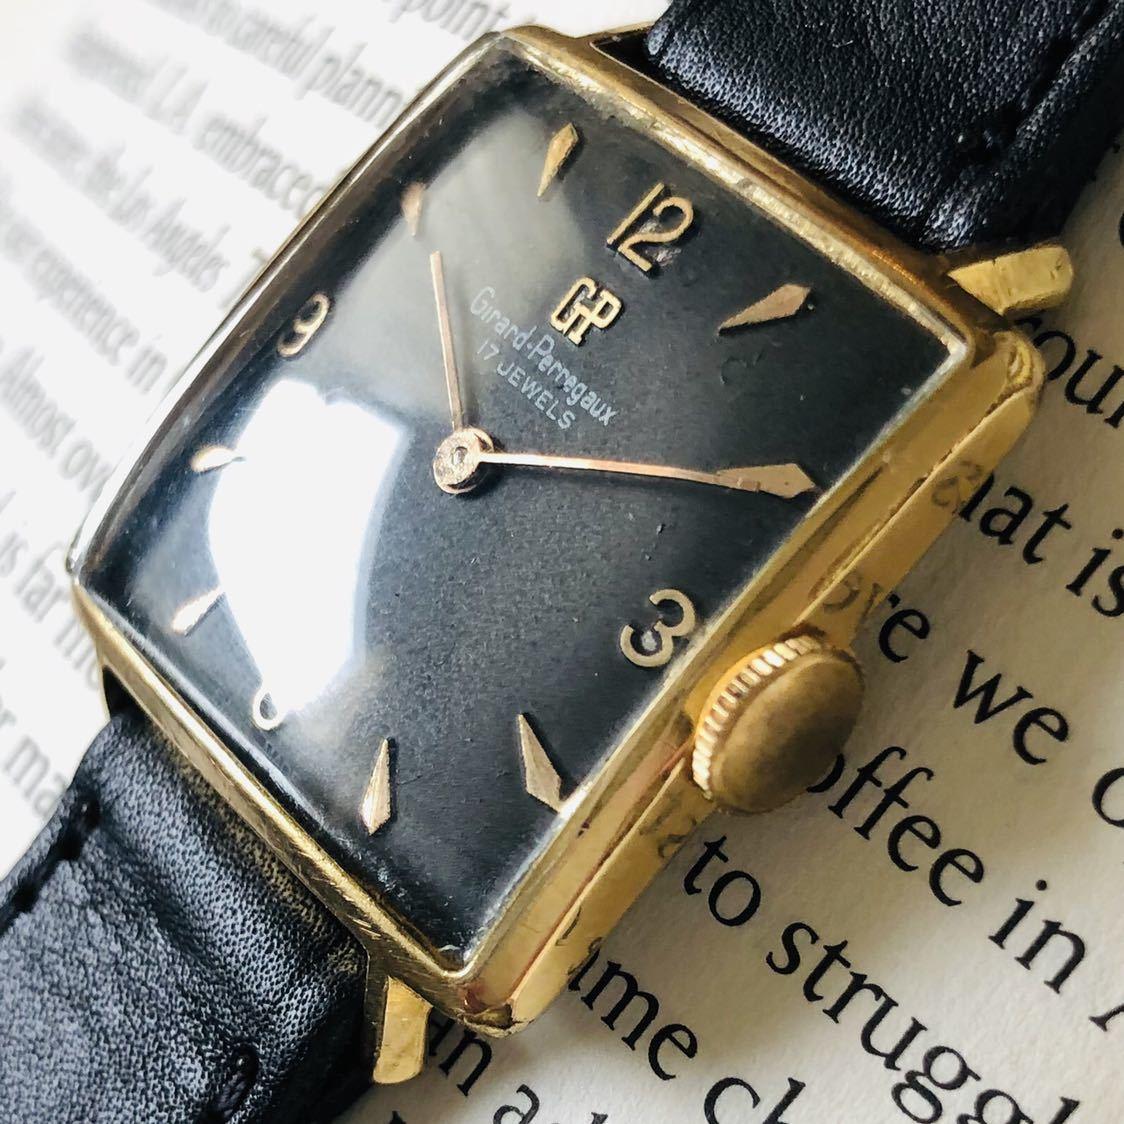 ★ジラールペルゴ GIRARD PERREGAUX★スクエア 黒文字盤 29mm ゴールドケース ブラック 手巻き メンズ 腕時計 アンテーク ヴィンテージ